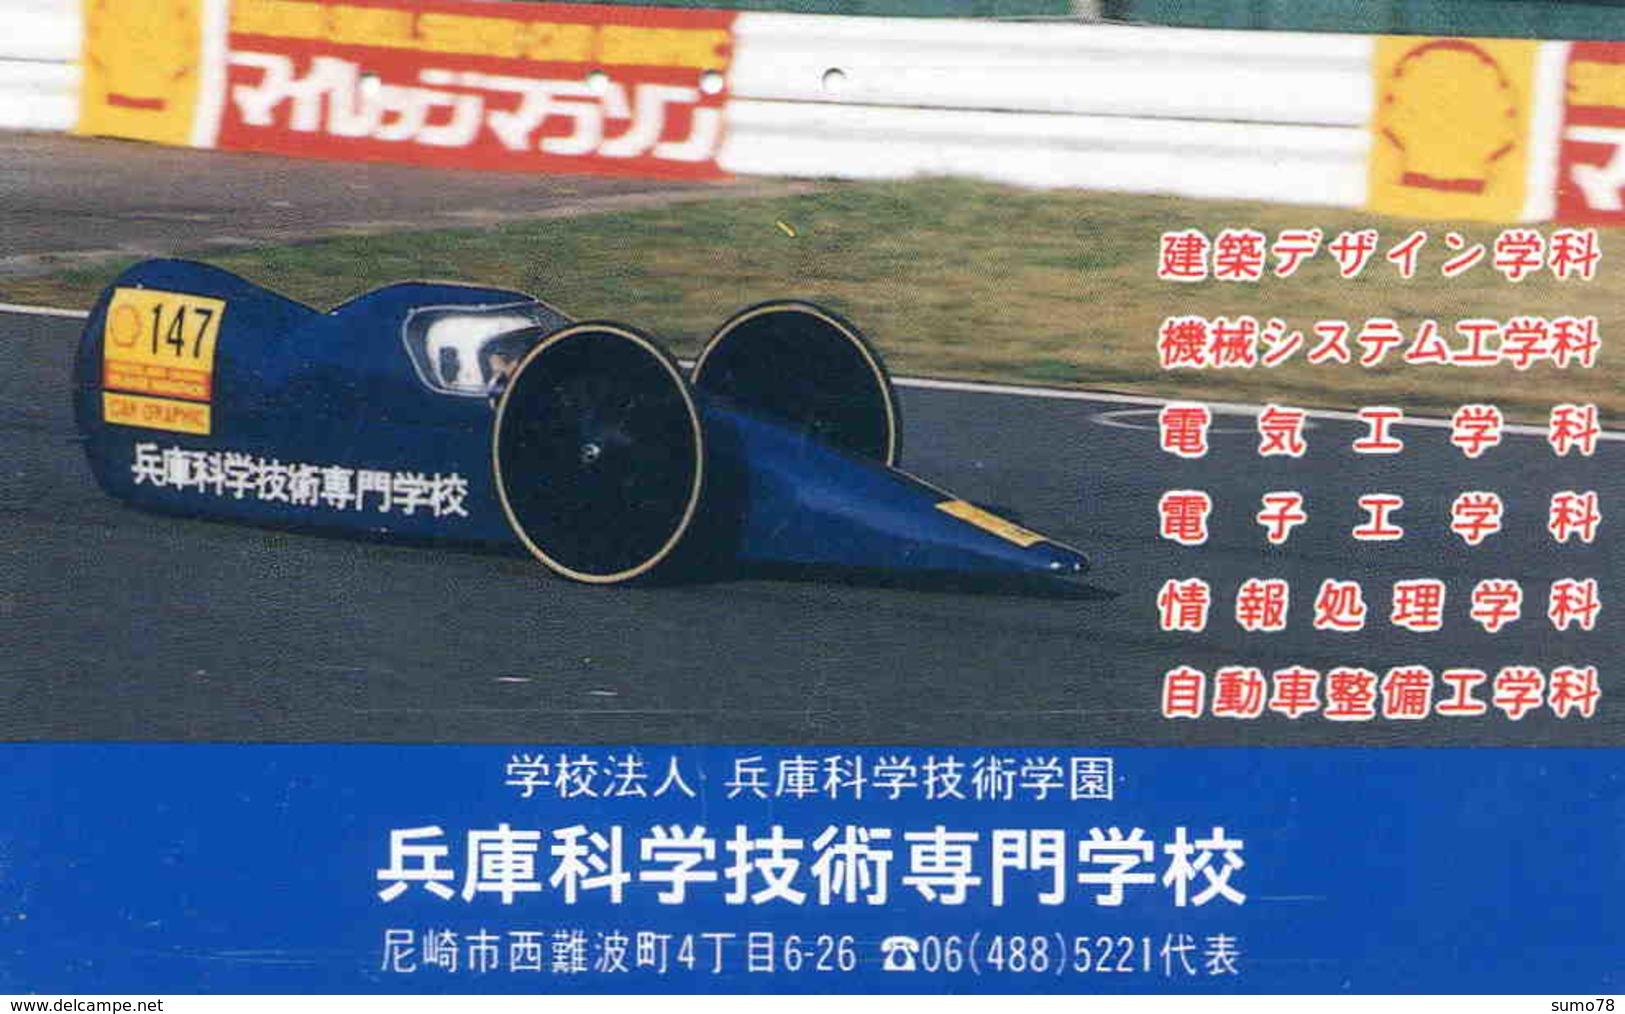 SHELL - PETROLIER -TELECARTE JAPON  - VOITURE - AUTOMOBILE - CAR - Cars